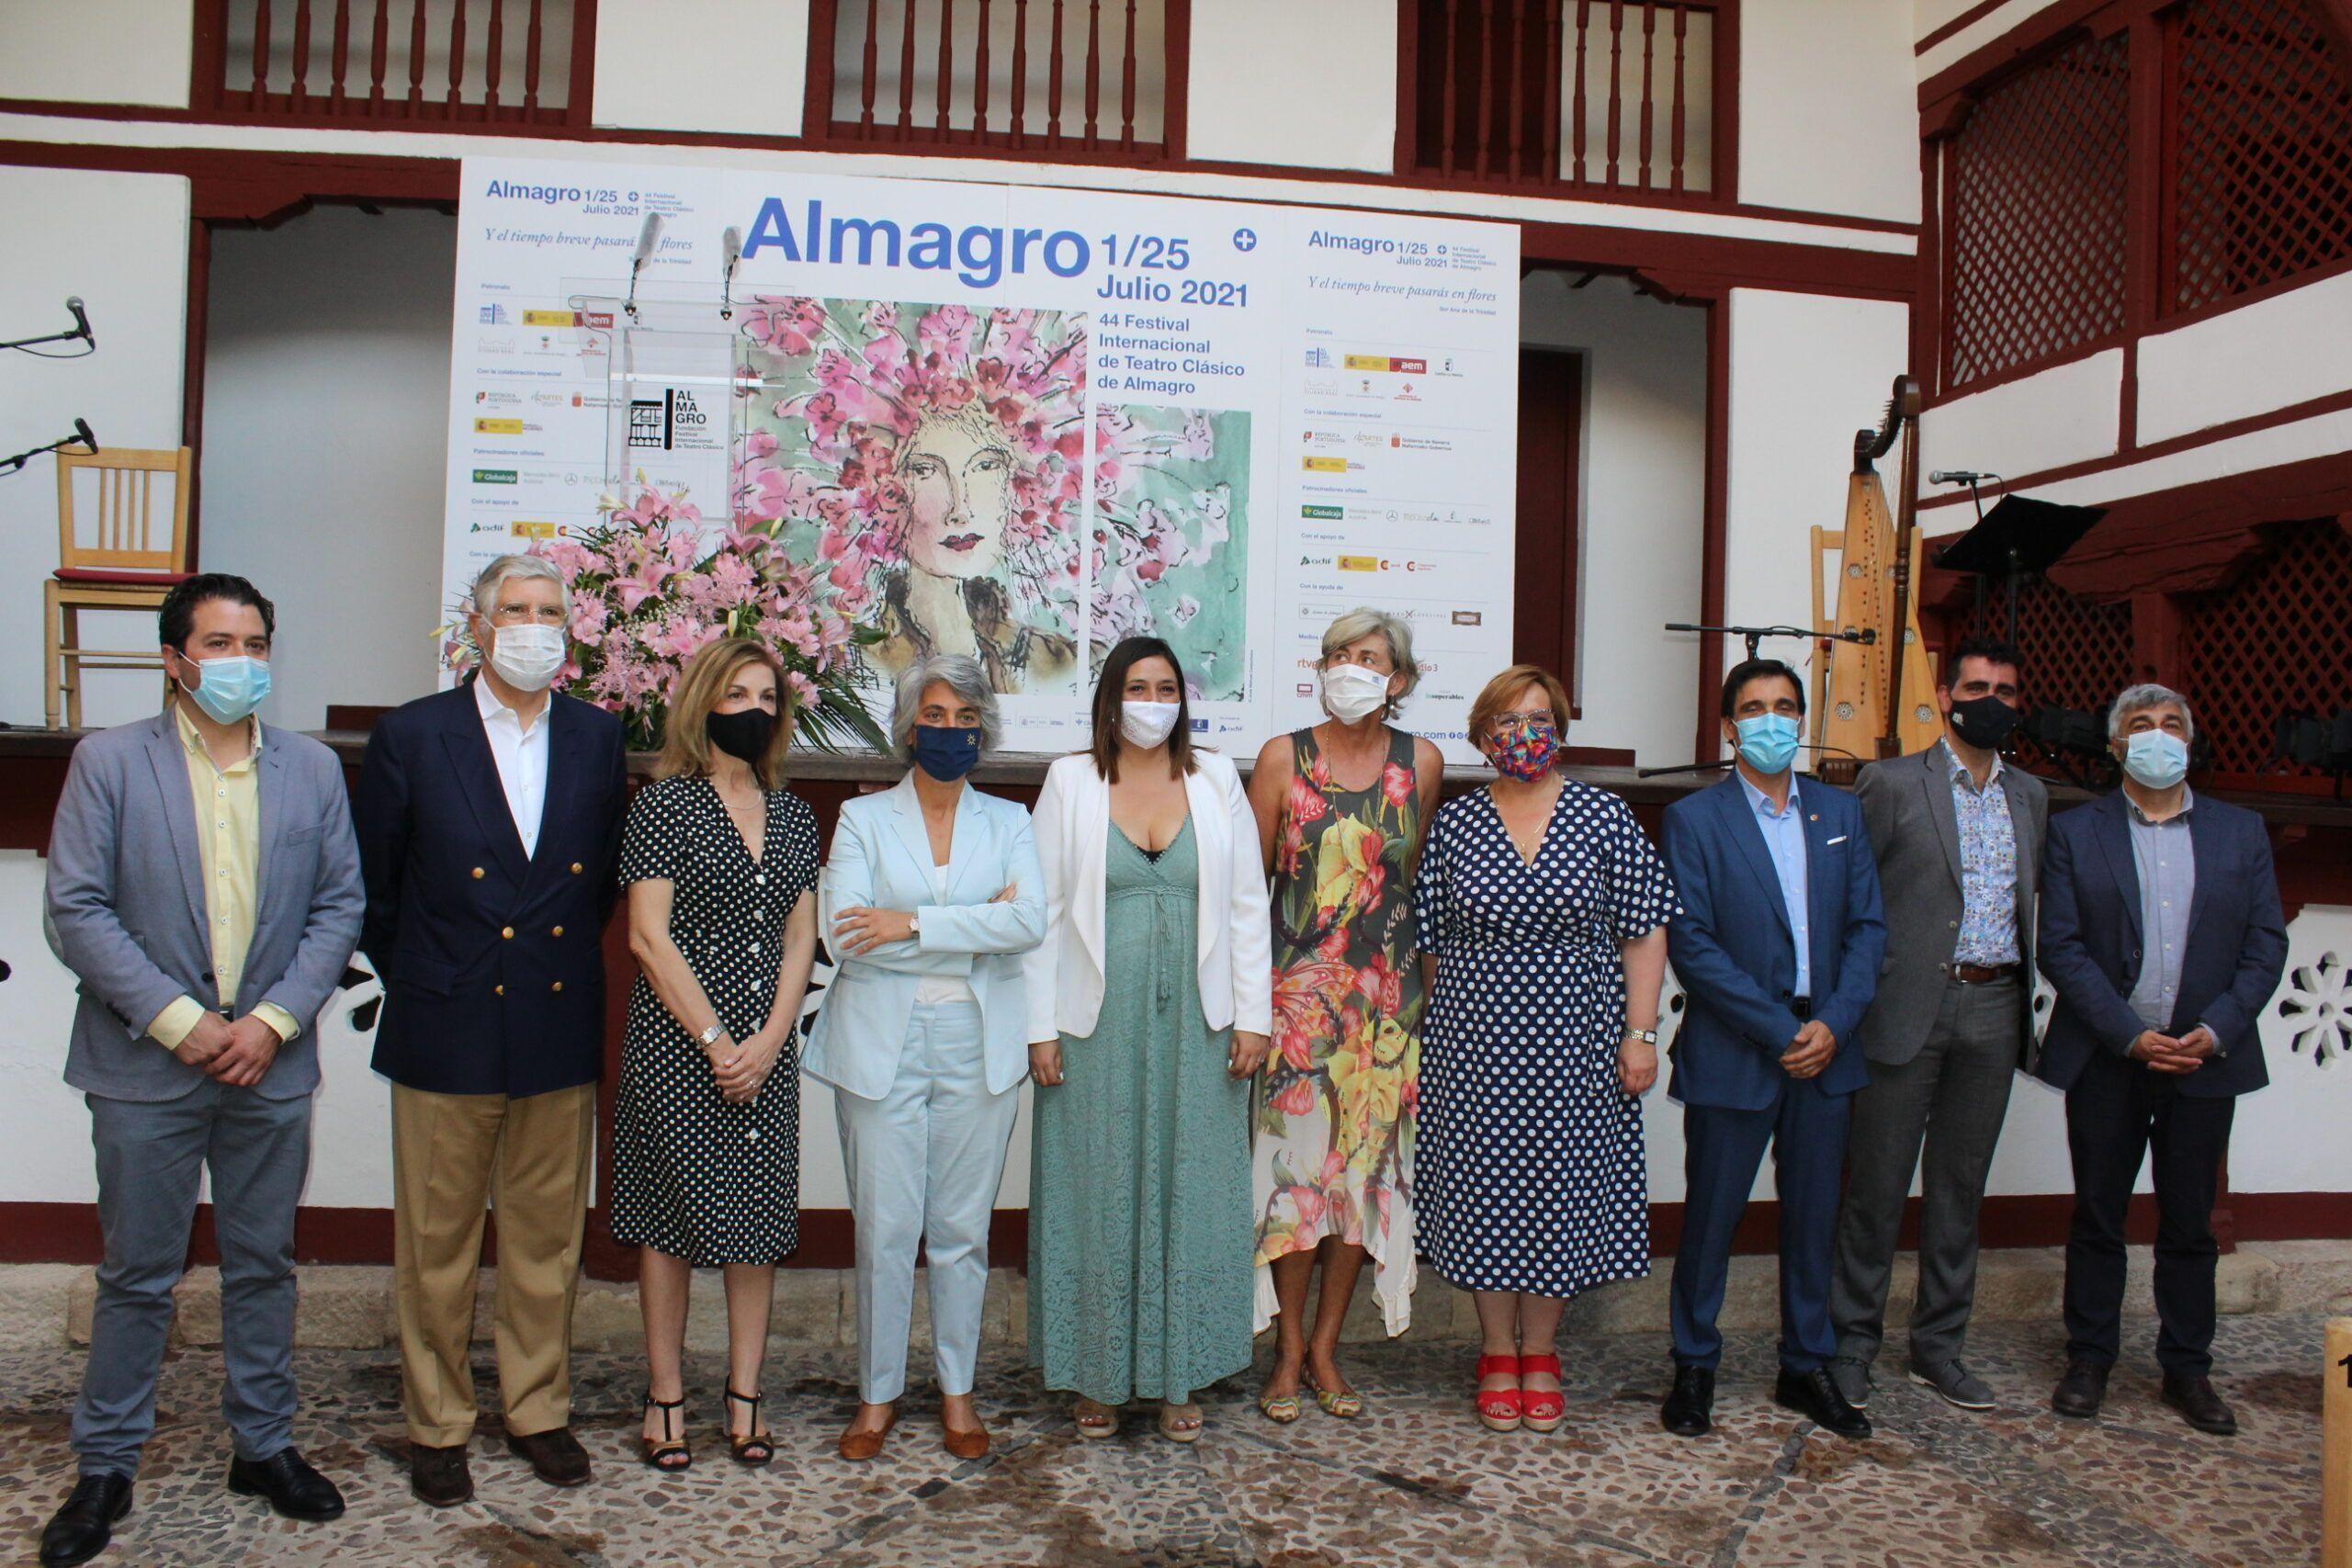 El Gobierno regional destaca la importancia que tiene la internacionalización de nuestros festivales culturales